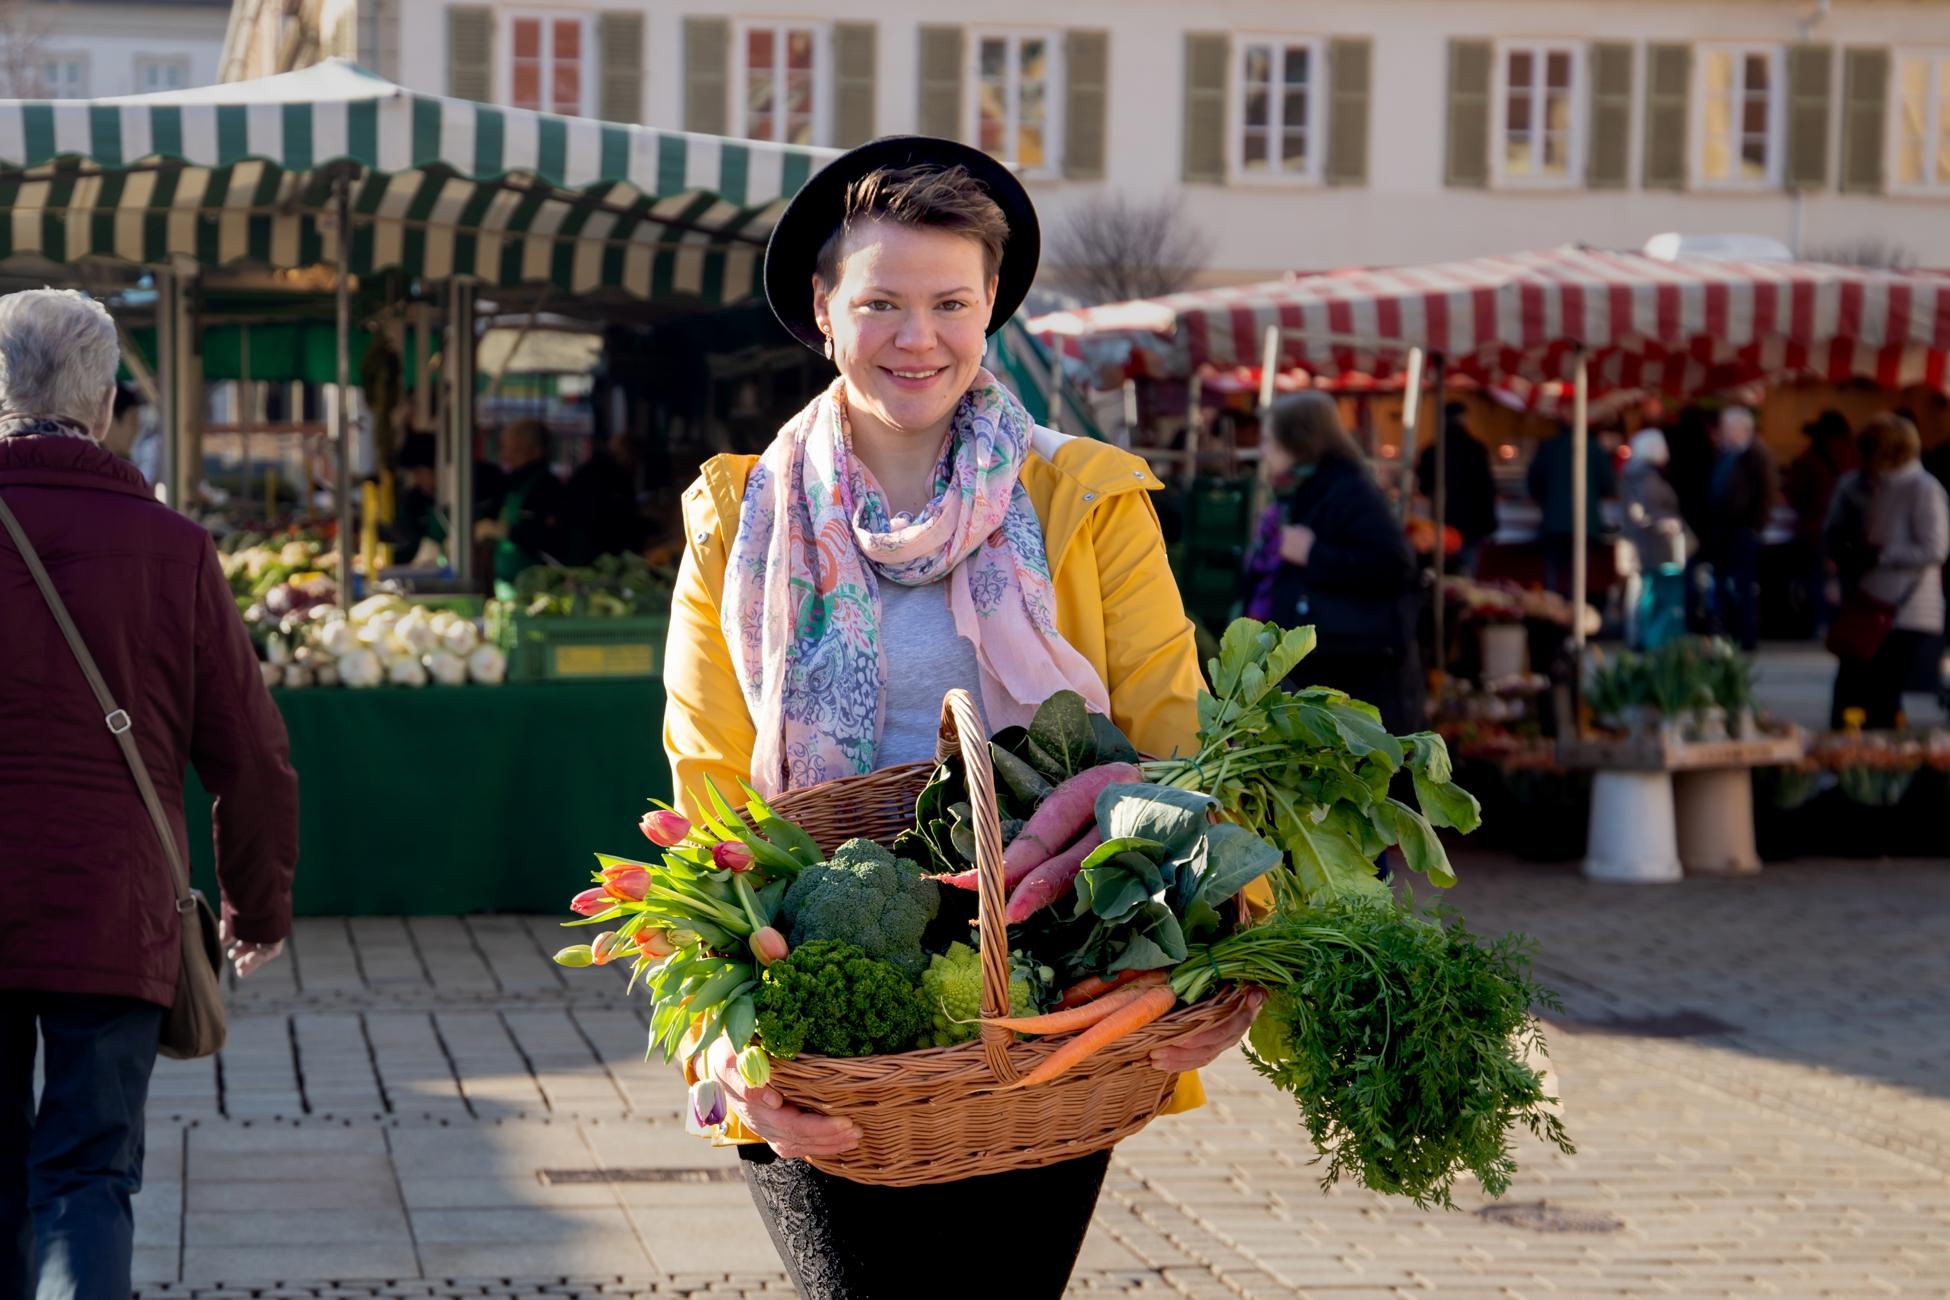 Manuela auf dem Markt